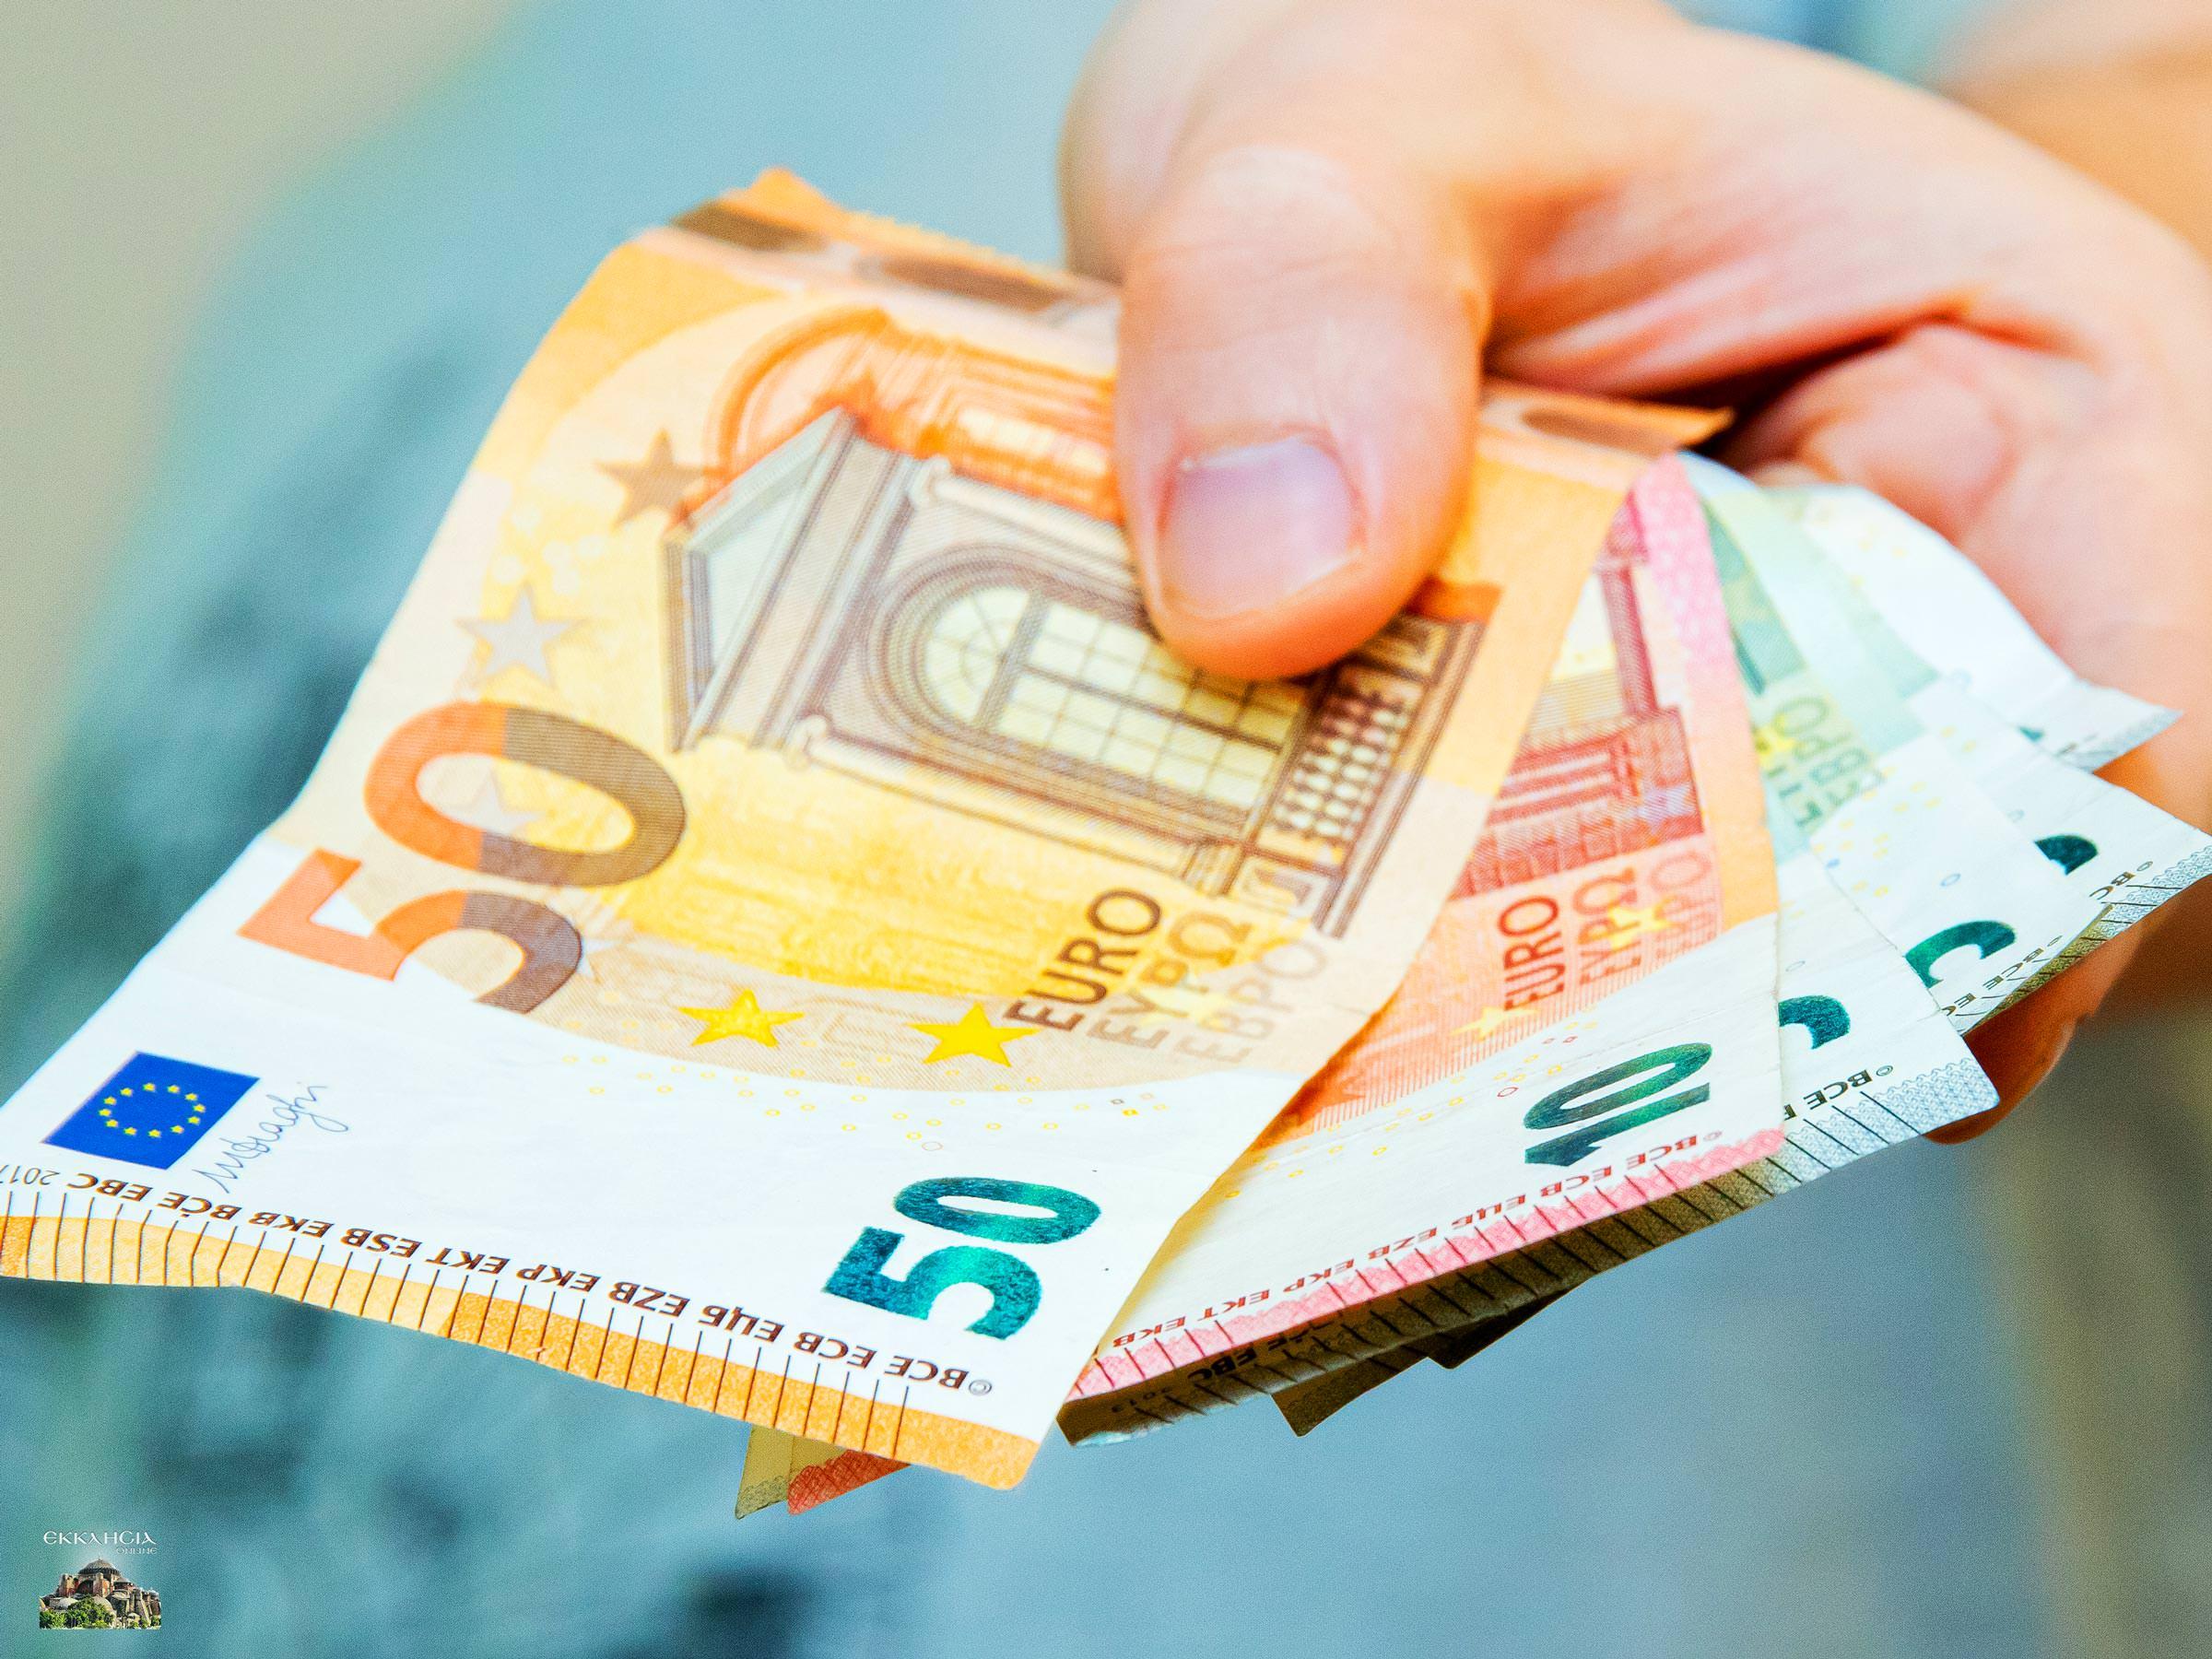 επίδομα χρήματα